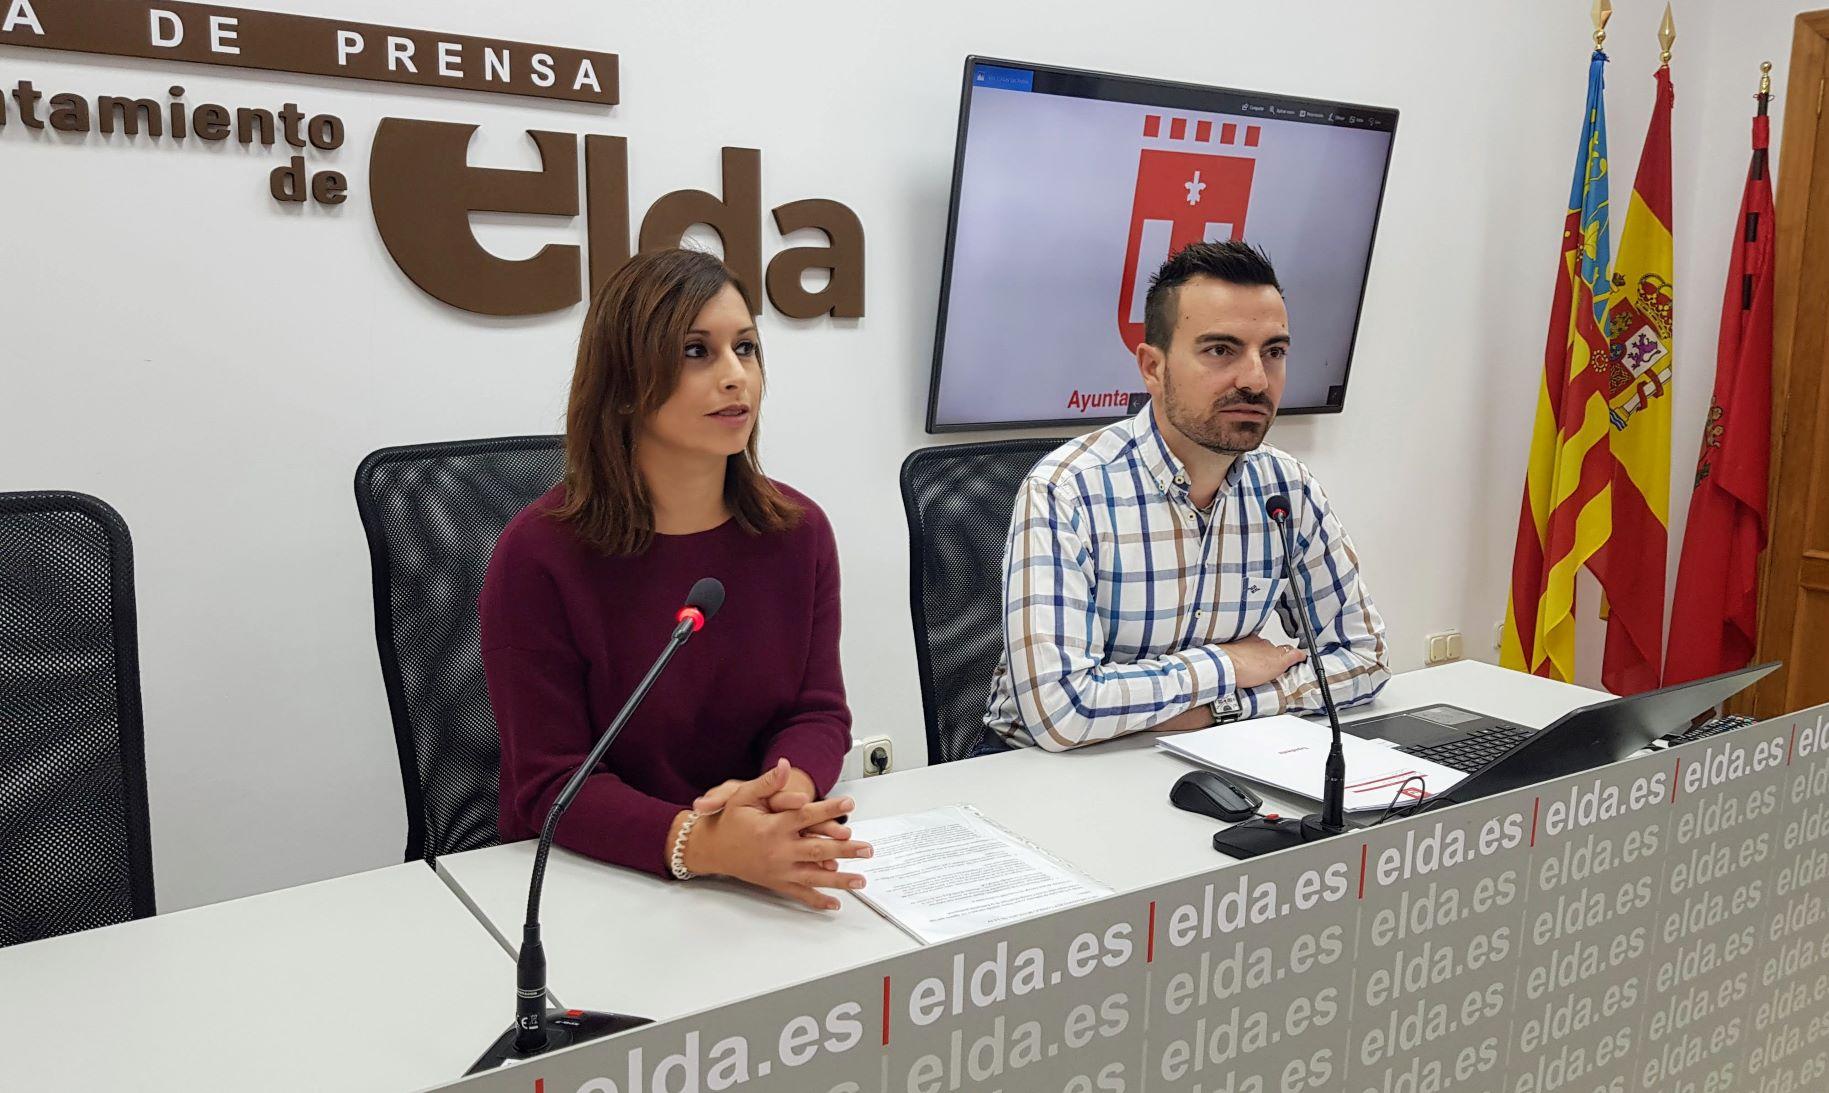 Elda contará con un Consejo Municipal de la FP para adecuar la oferta formativa a las necesidades de las empresas de la ciudad